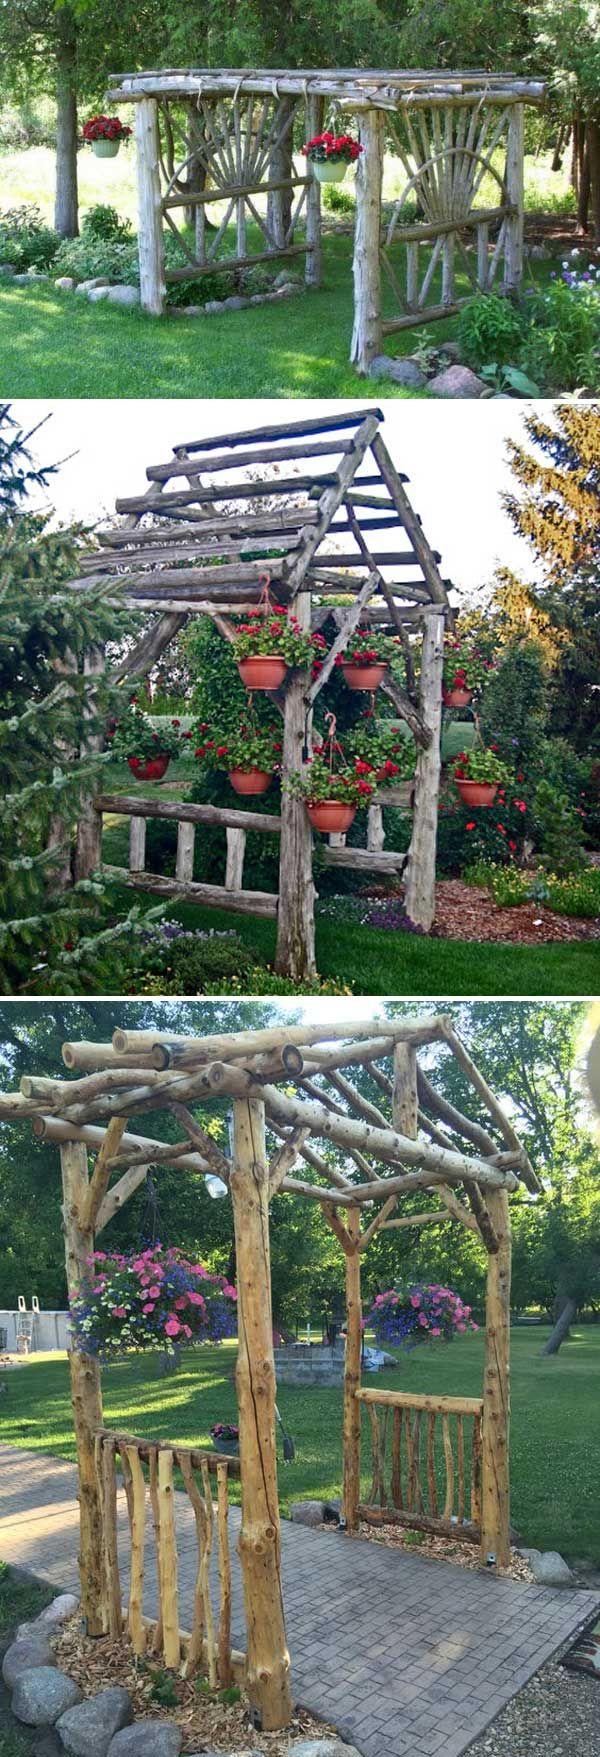 19 Coole Diy-Ideen, Um Rundholz Und Baustämme In Eurem Garten Kreativ Zu Verwenden 19 coole DIY-Ideen, um Rundholz und Baustämme in Eurem Garten kreativ zu verwenden House & Garden log house garden